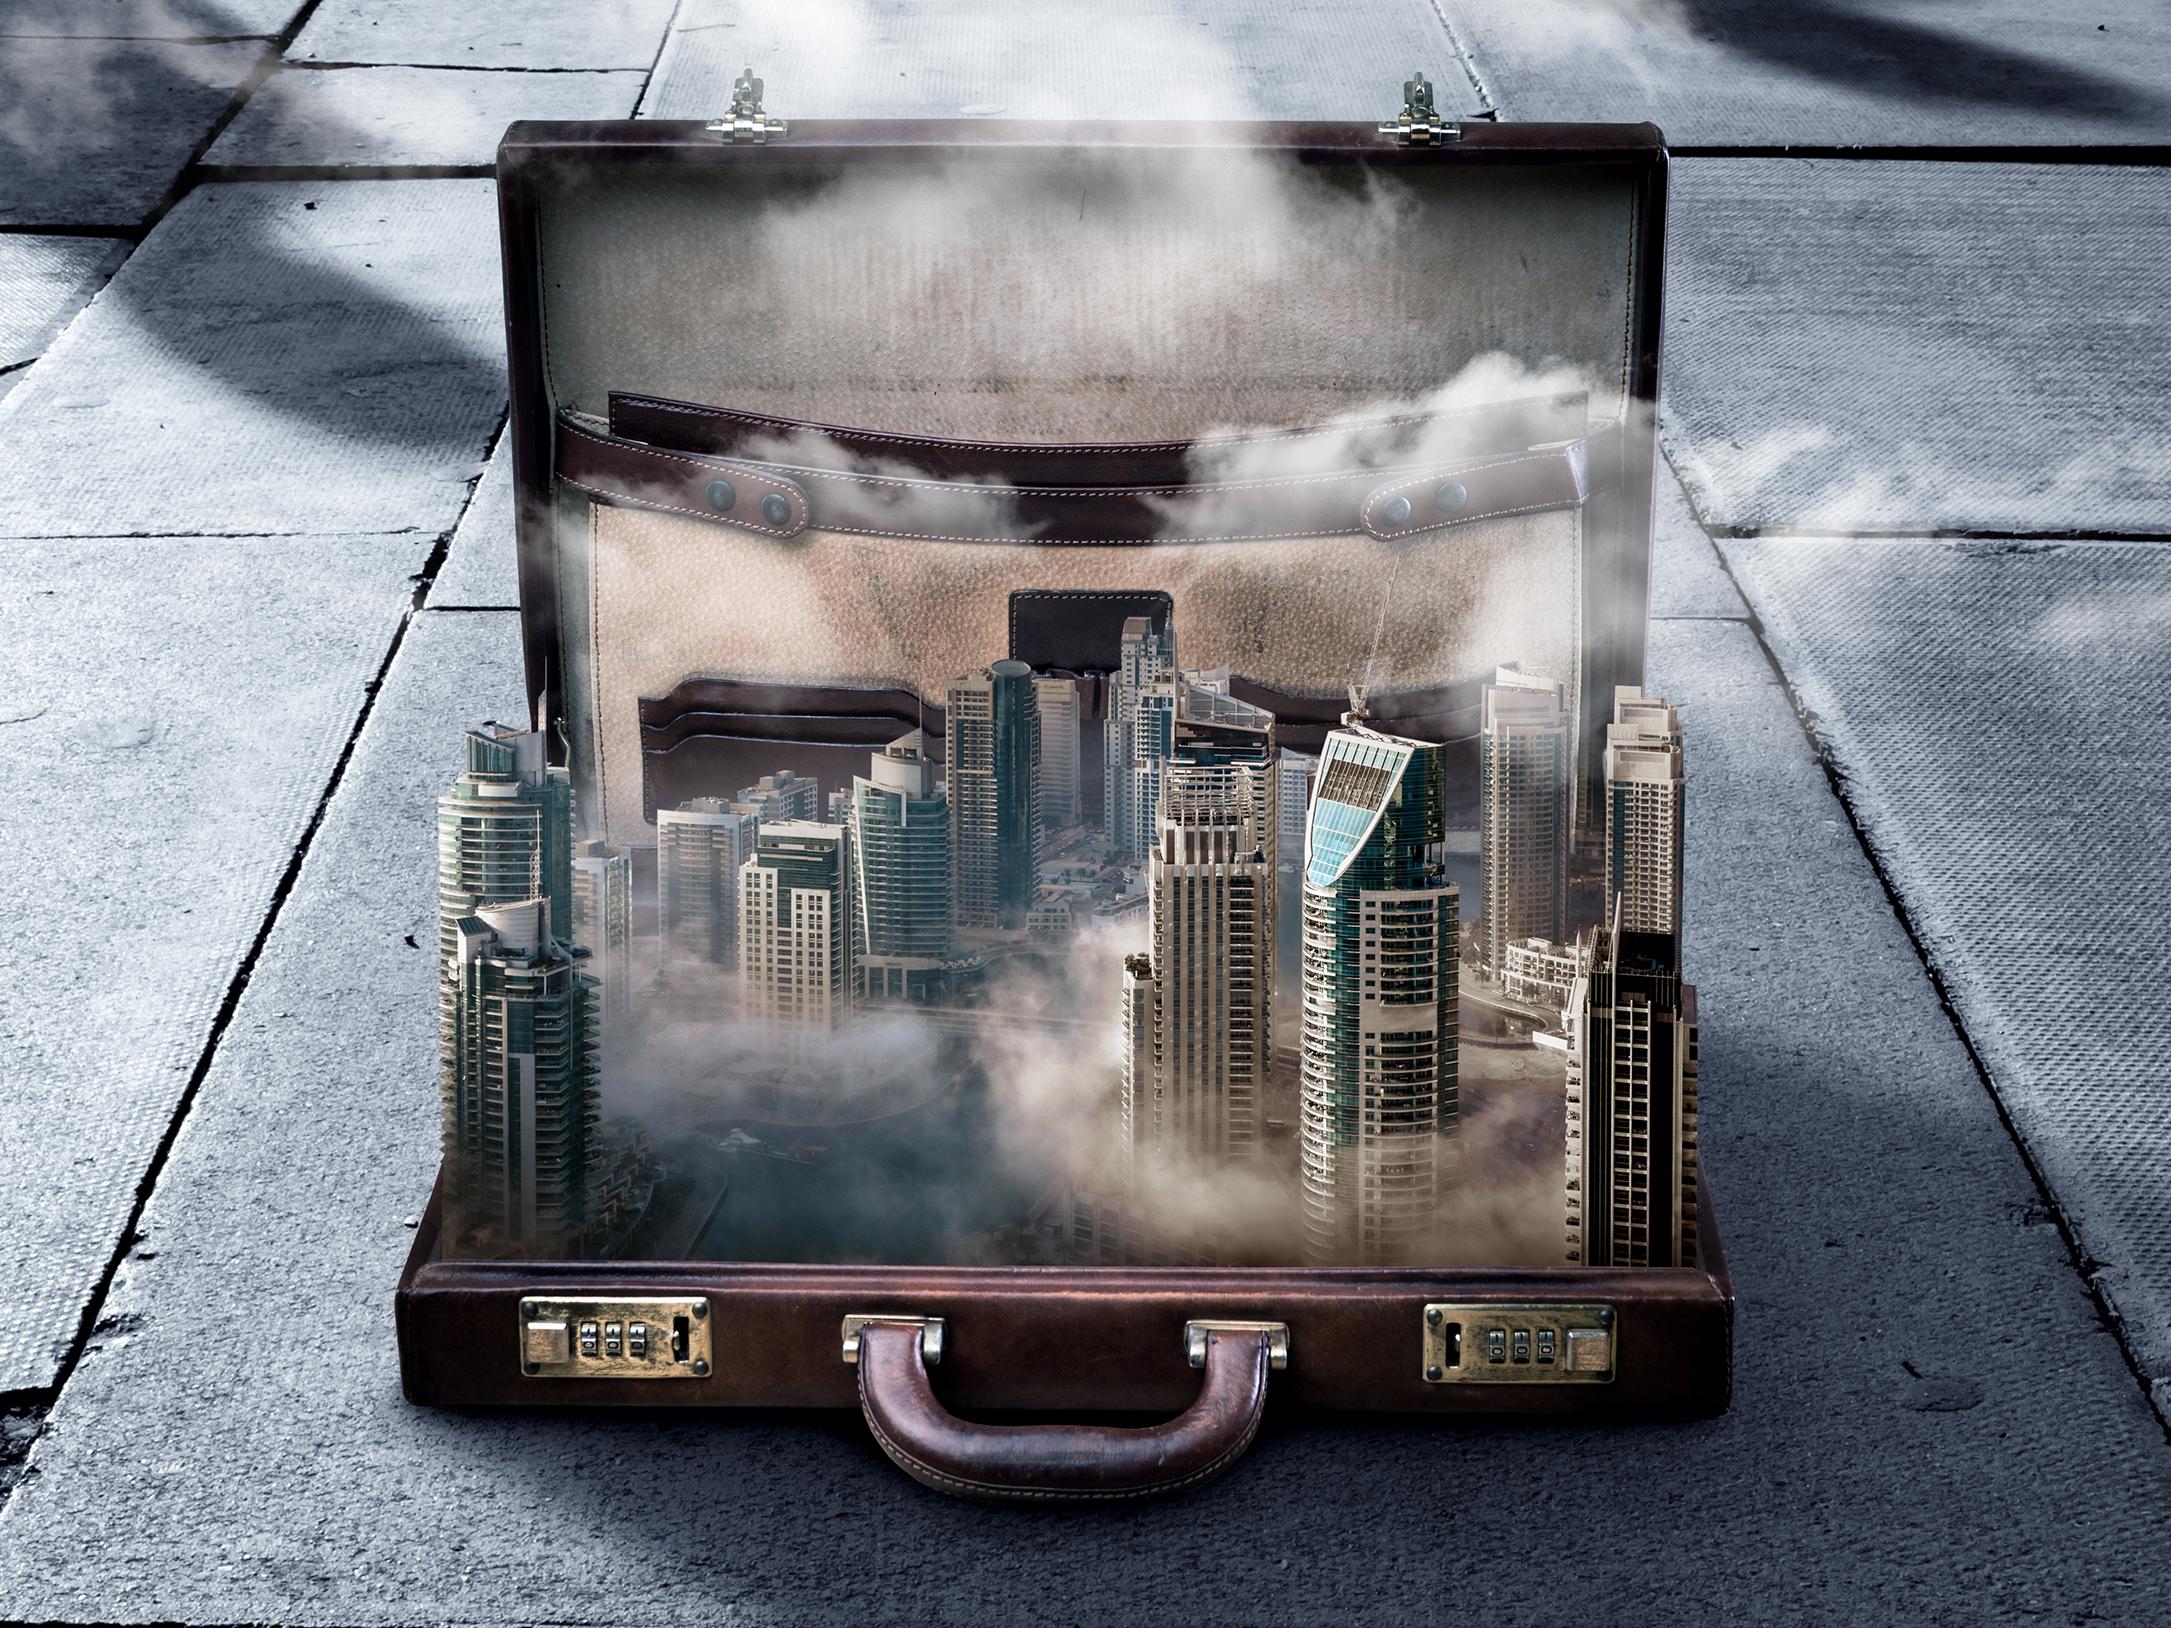 20190318 buildings in a briefcase